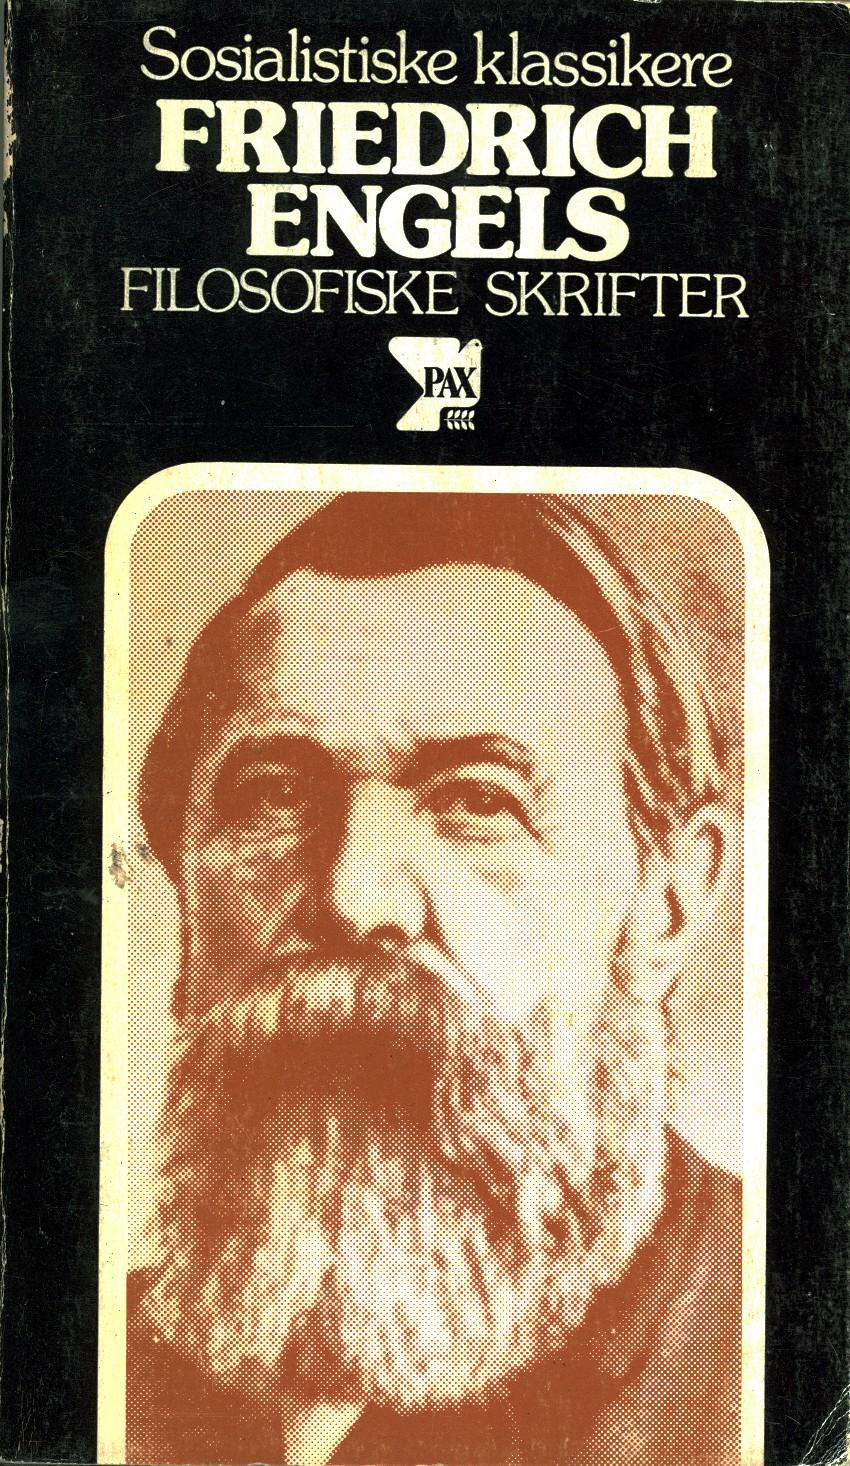 Friedrich Engels: Filosofiske skrifter